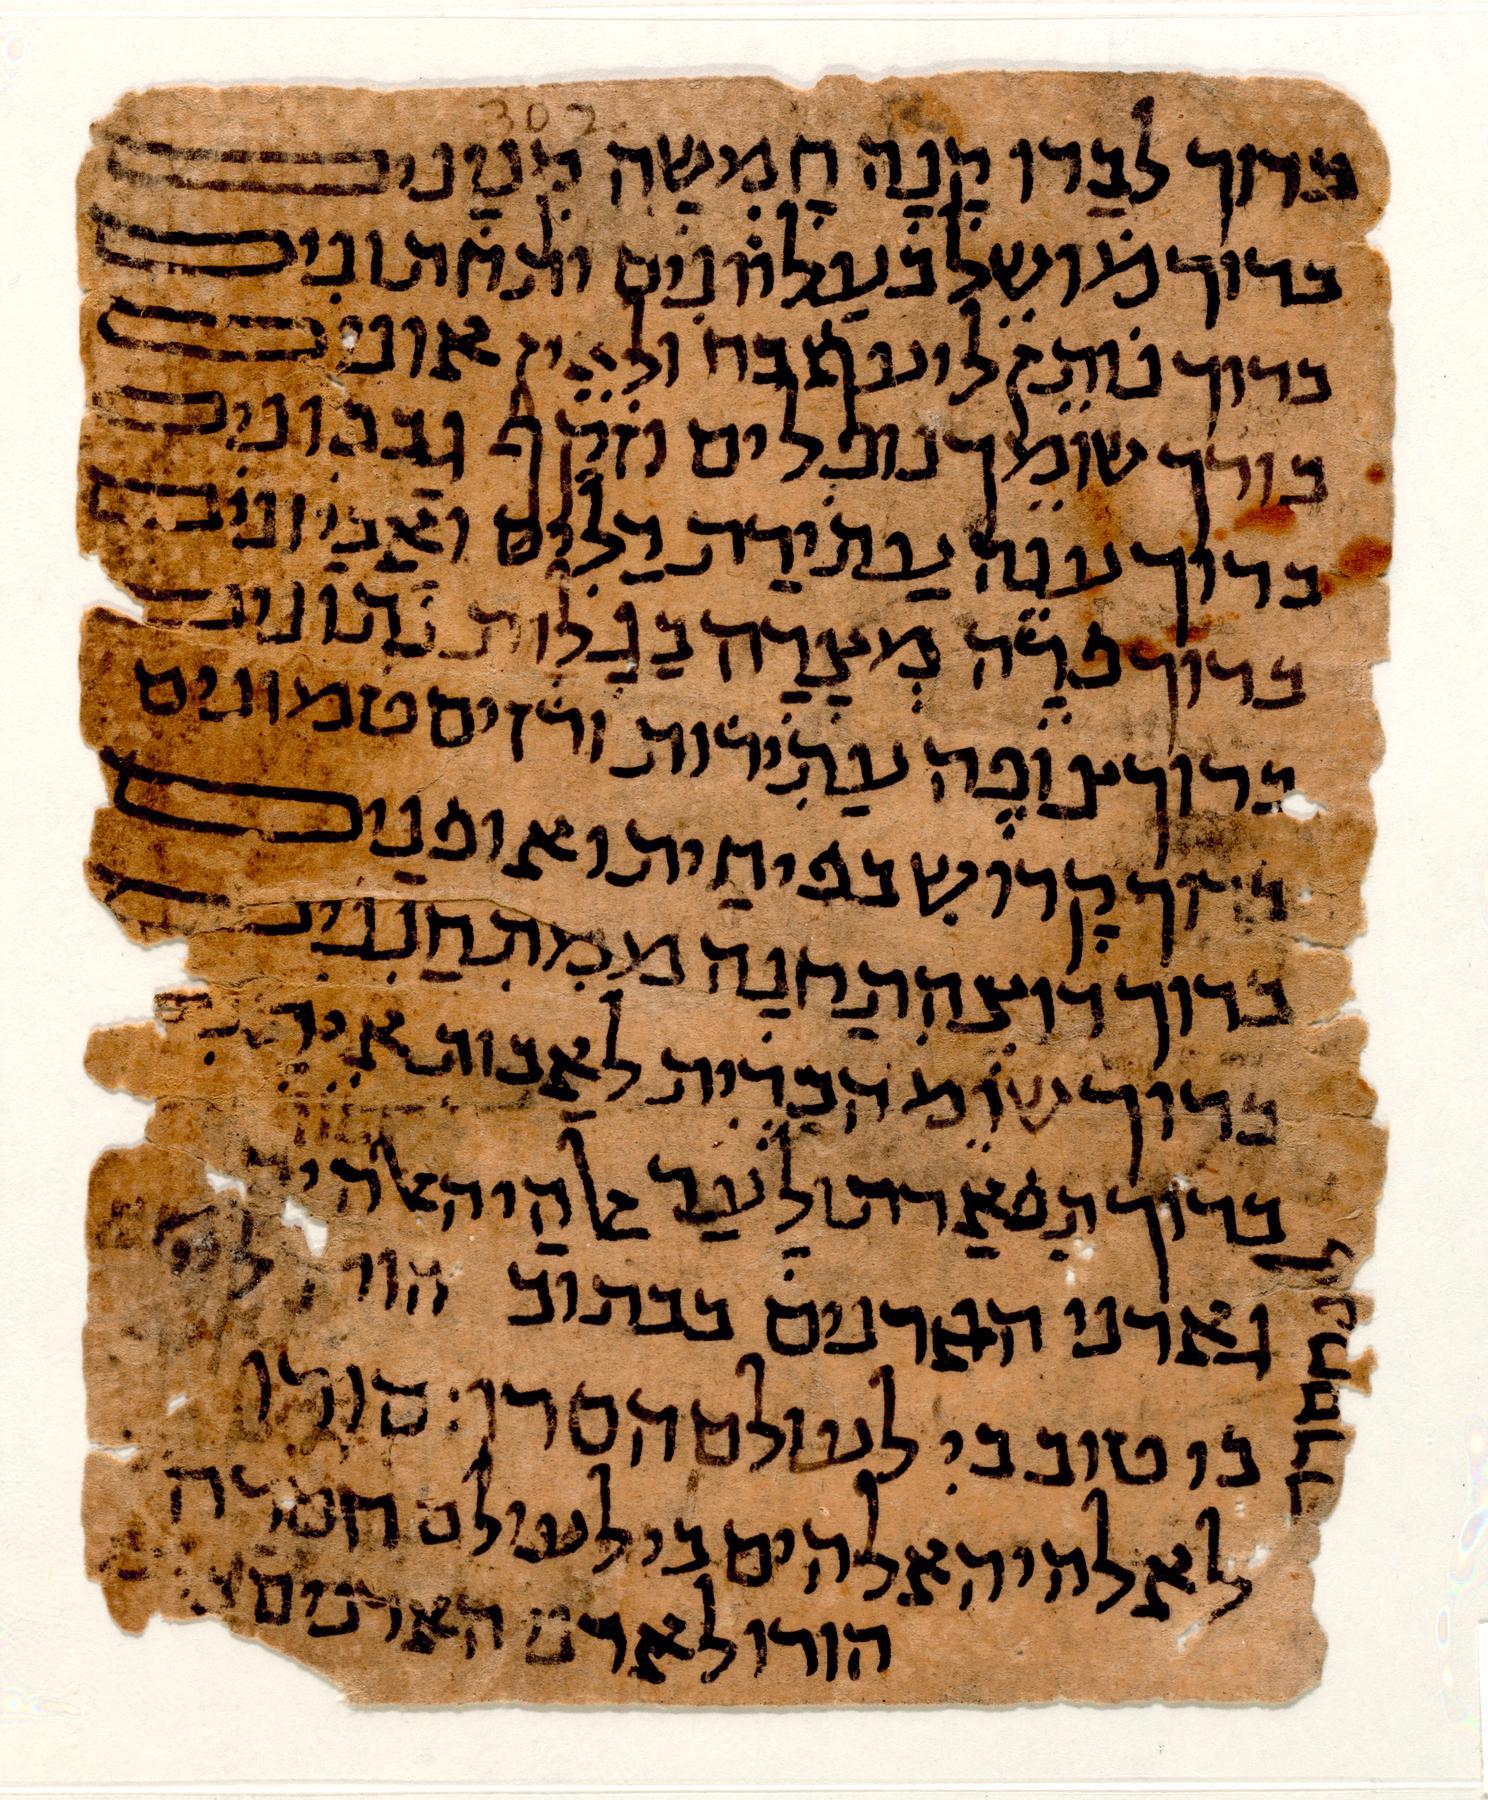 Cairo geniza fragment